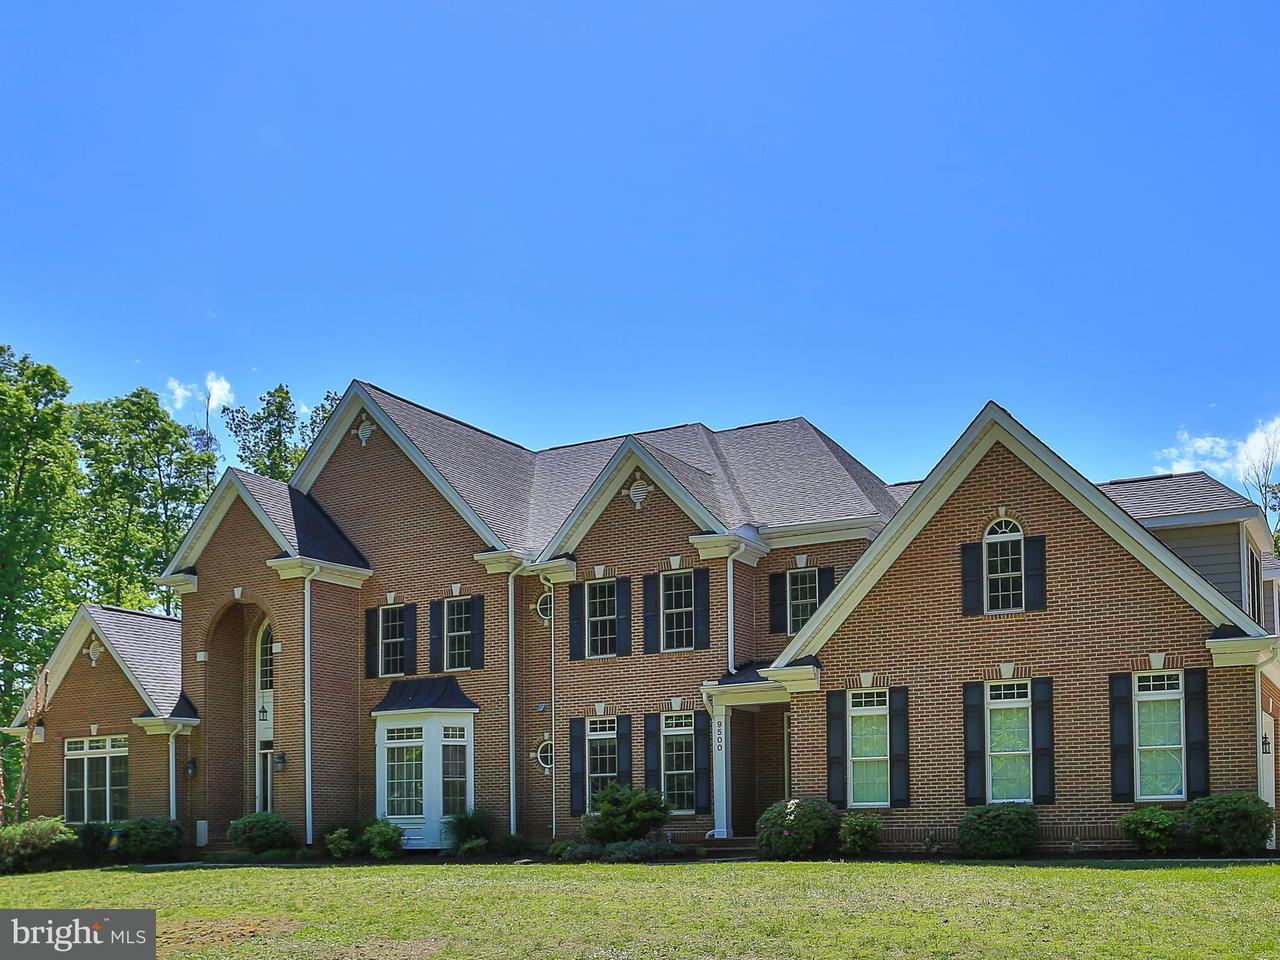 獨棟家庭住宅 為 出售 在 9500 SHEVLIN Court 9500 SHEVLIN Court Nokesville, 弗吉尼亞州 20181 美國